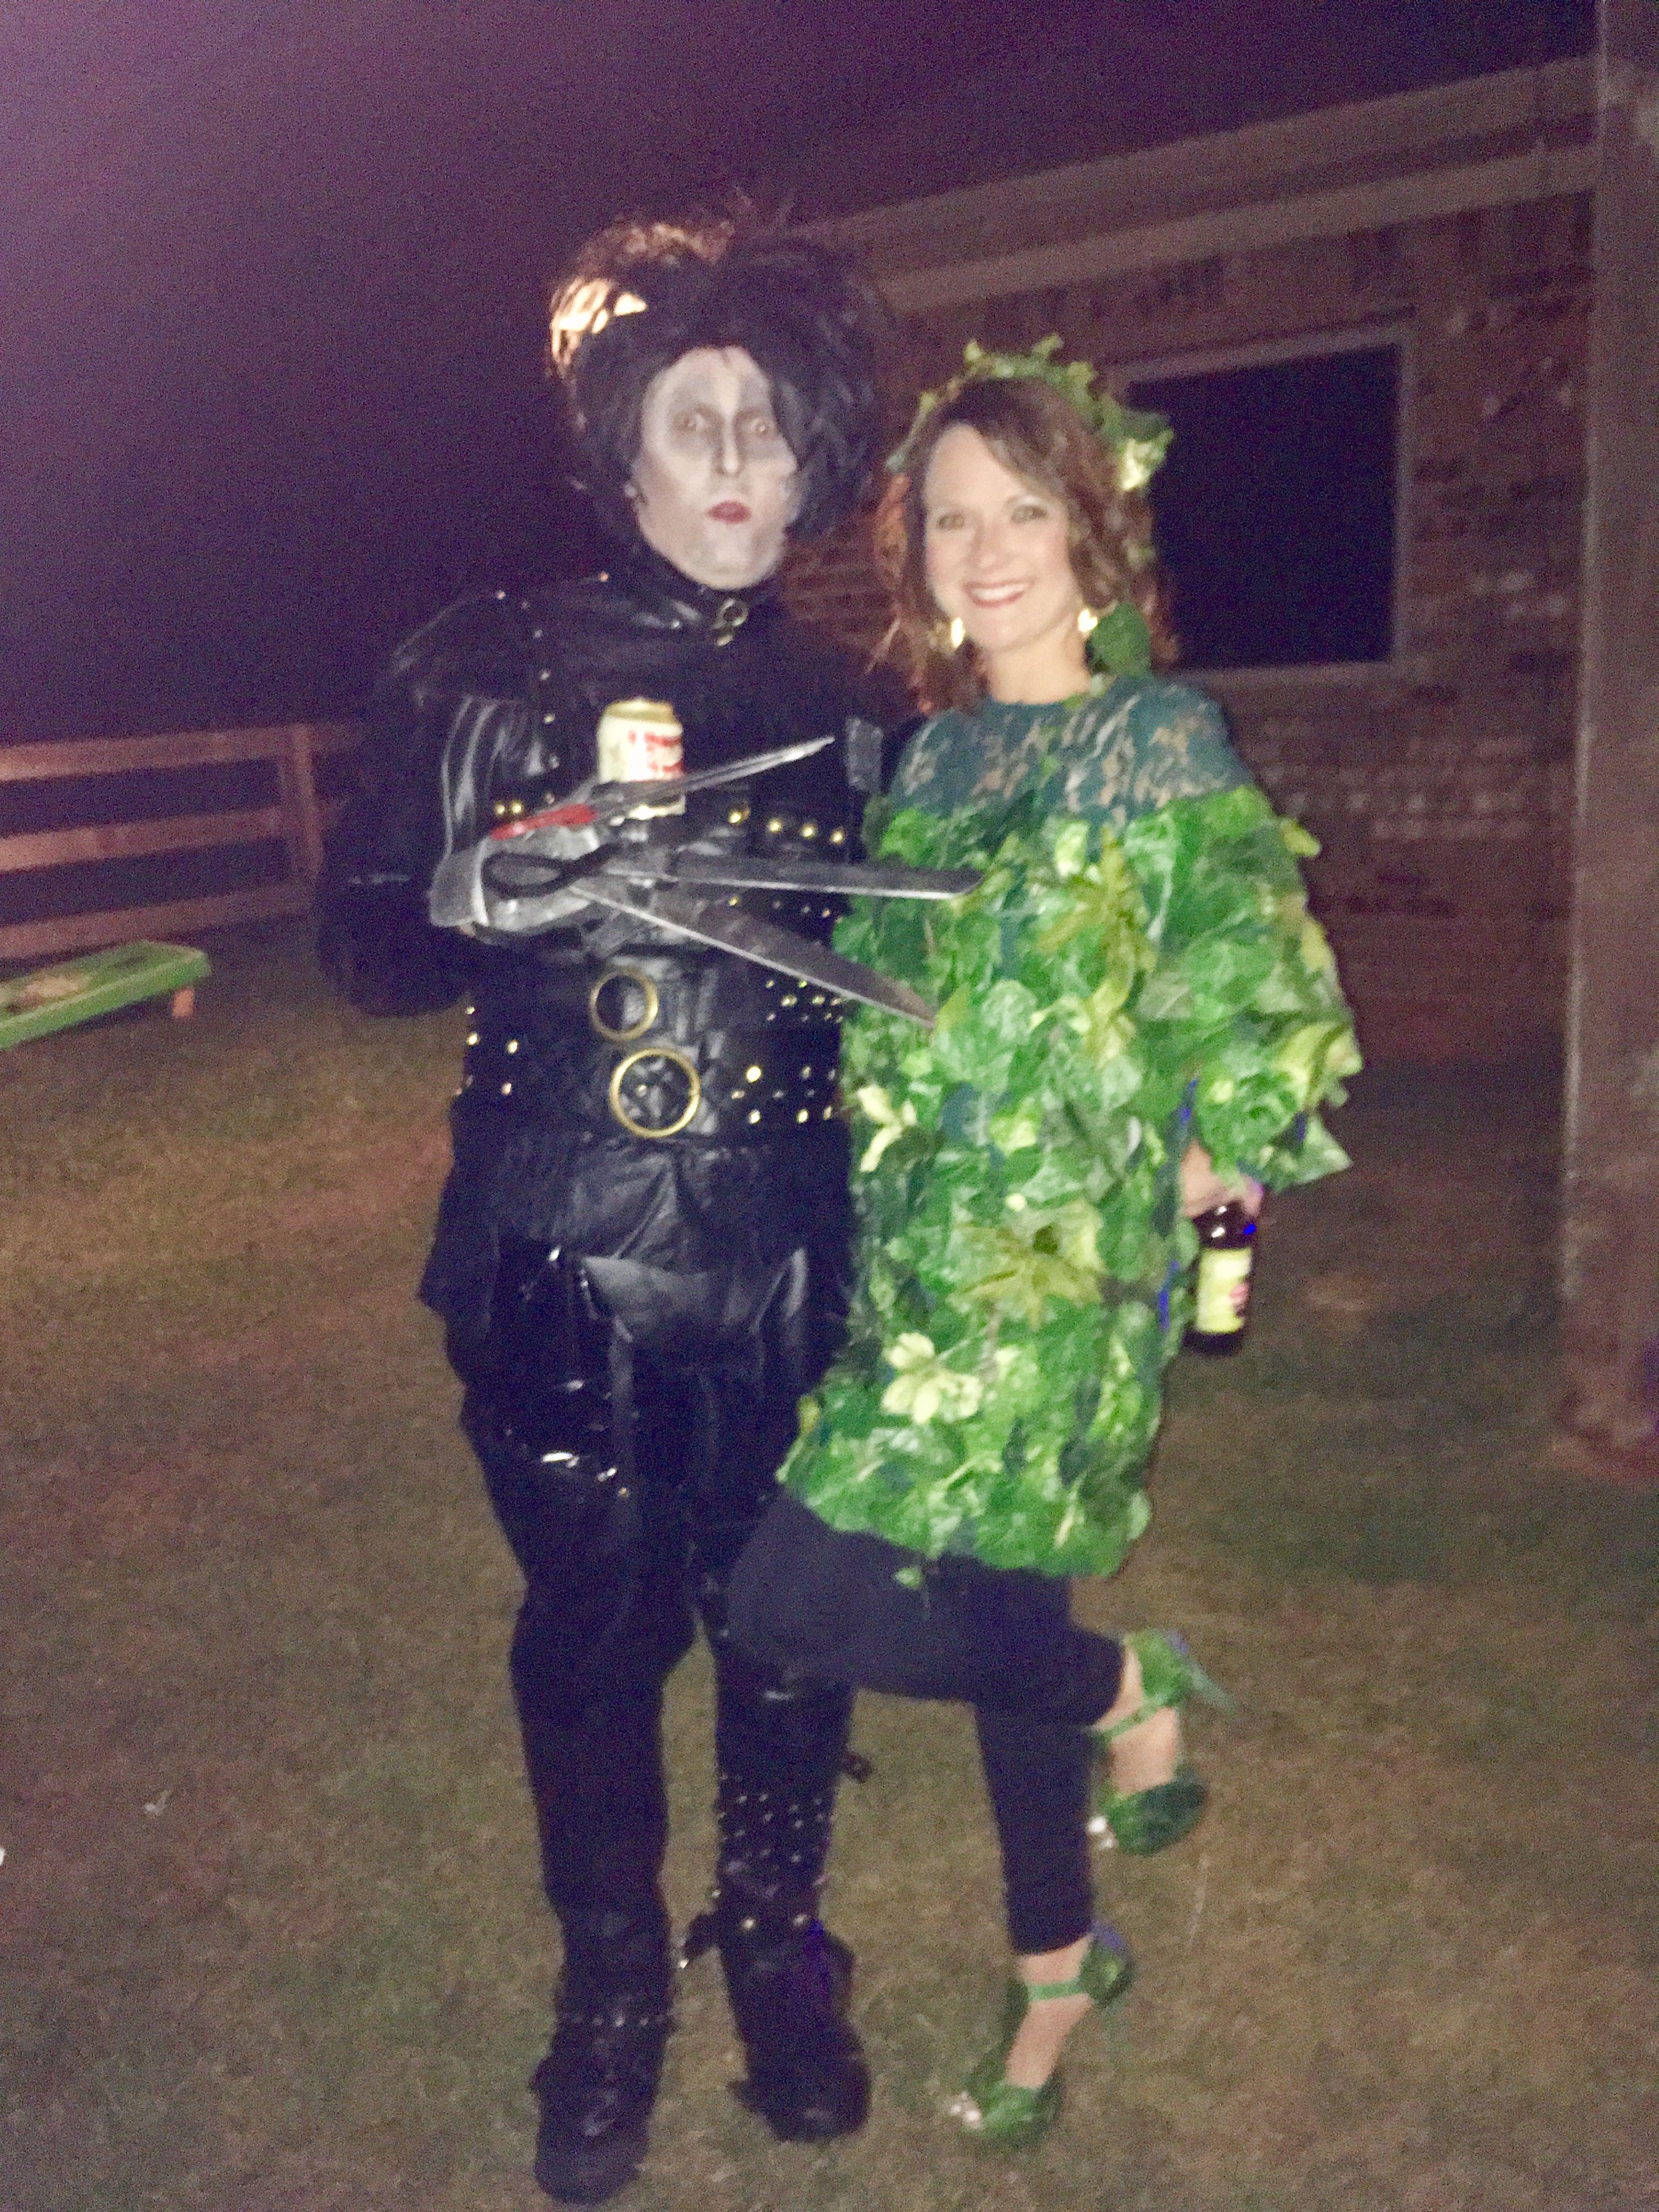 Edward Scissorhands Halloween Costume Kostume Selber Machen Edward Mit Den Scherenhanden Selber Machen